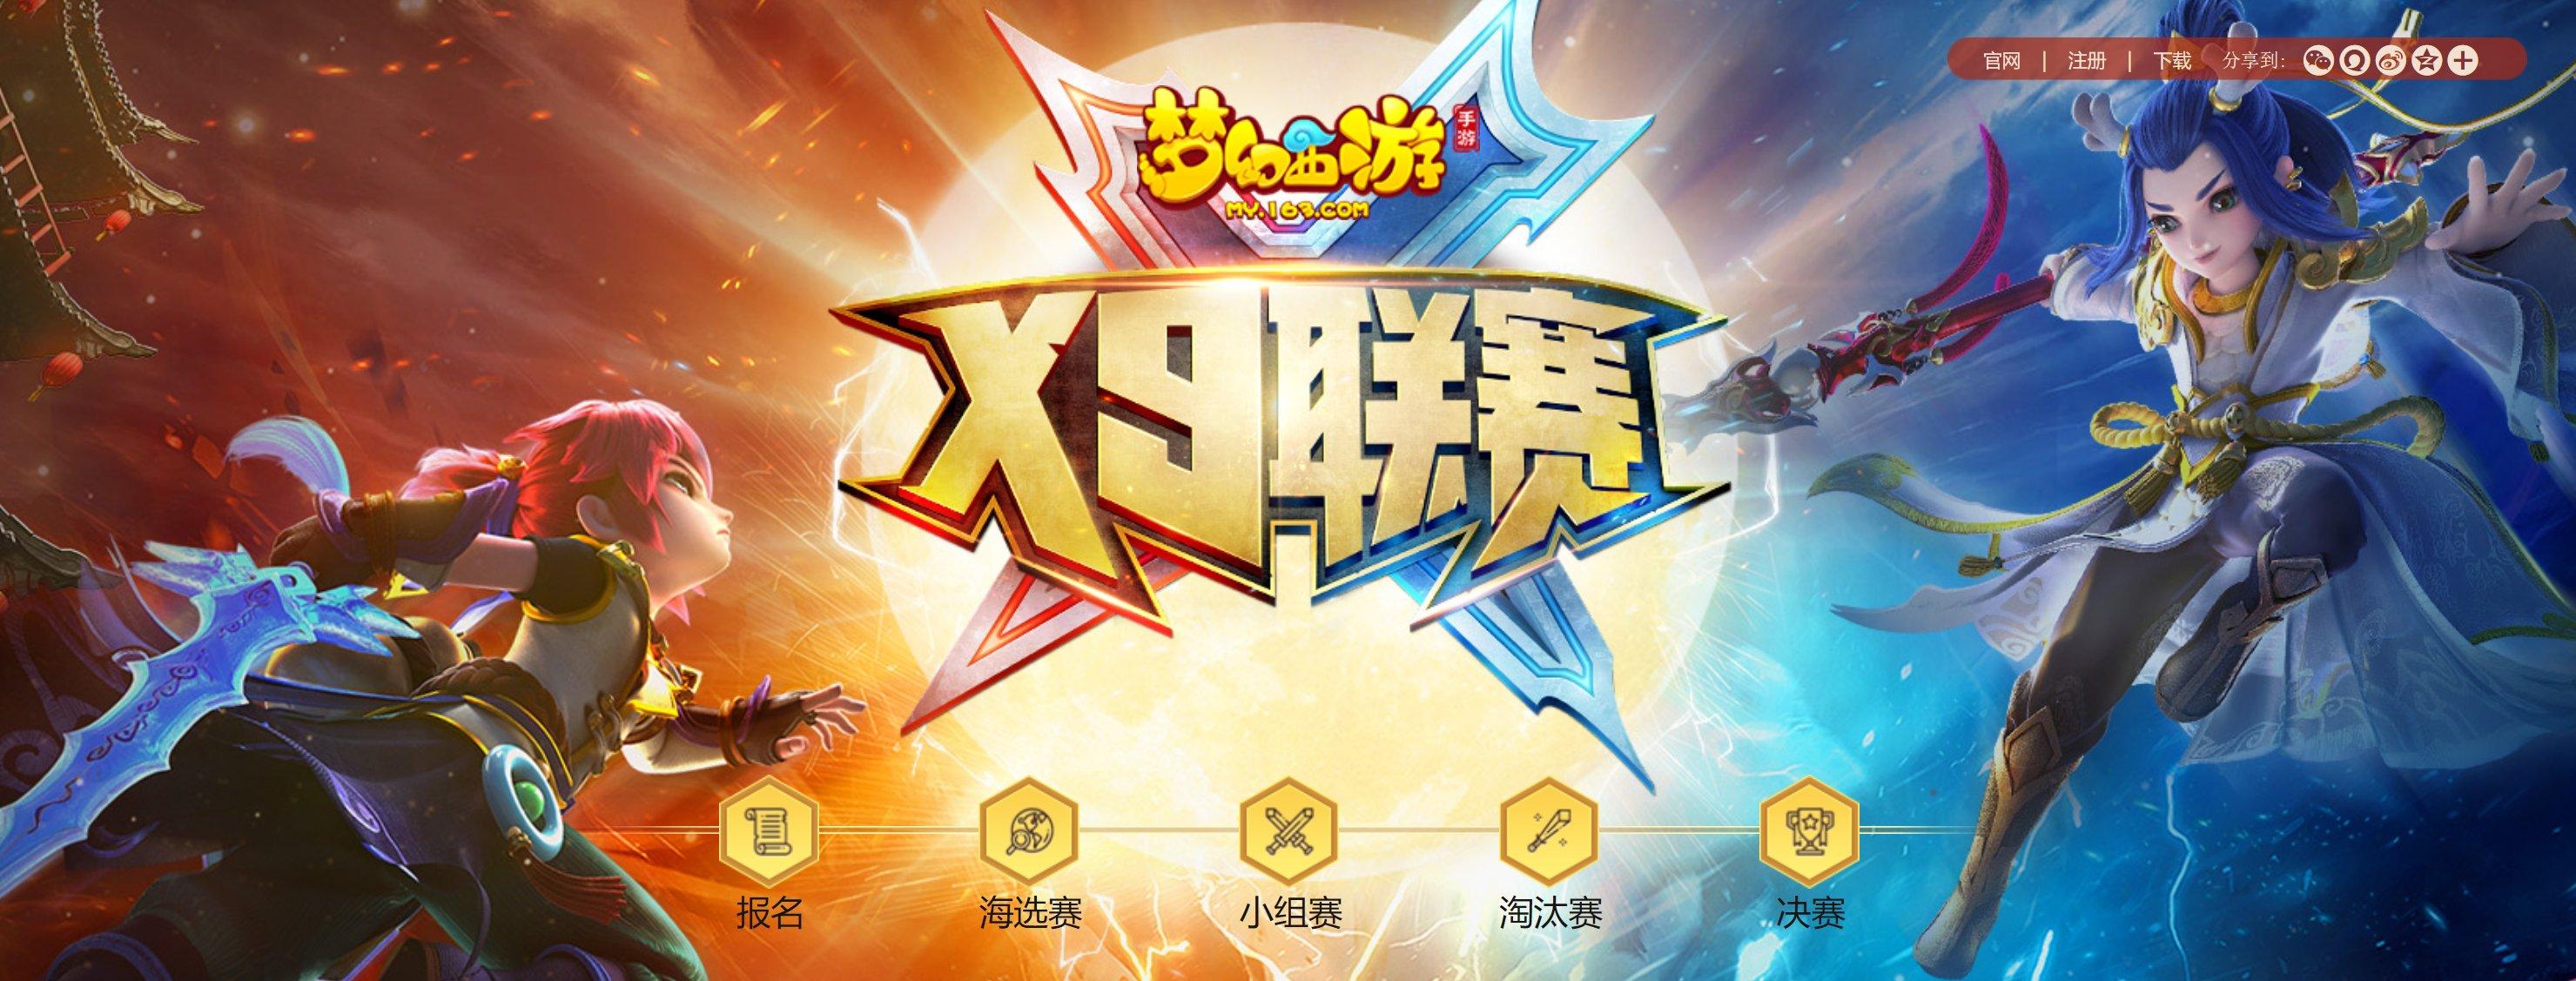 群雄争霸,《梦幻西游》手游第十二届X9联赛战果出炉